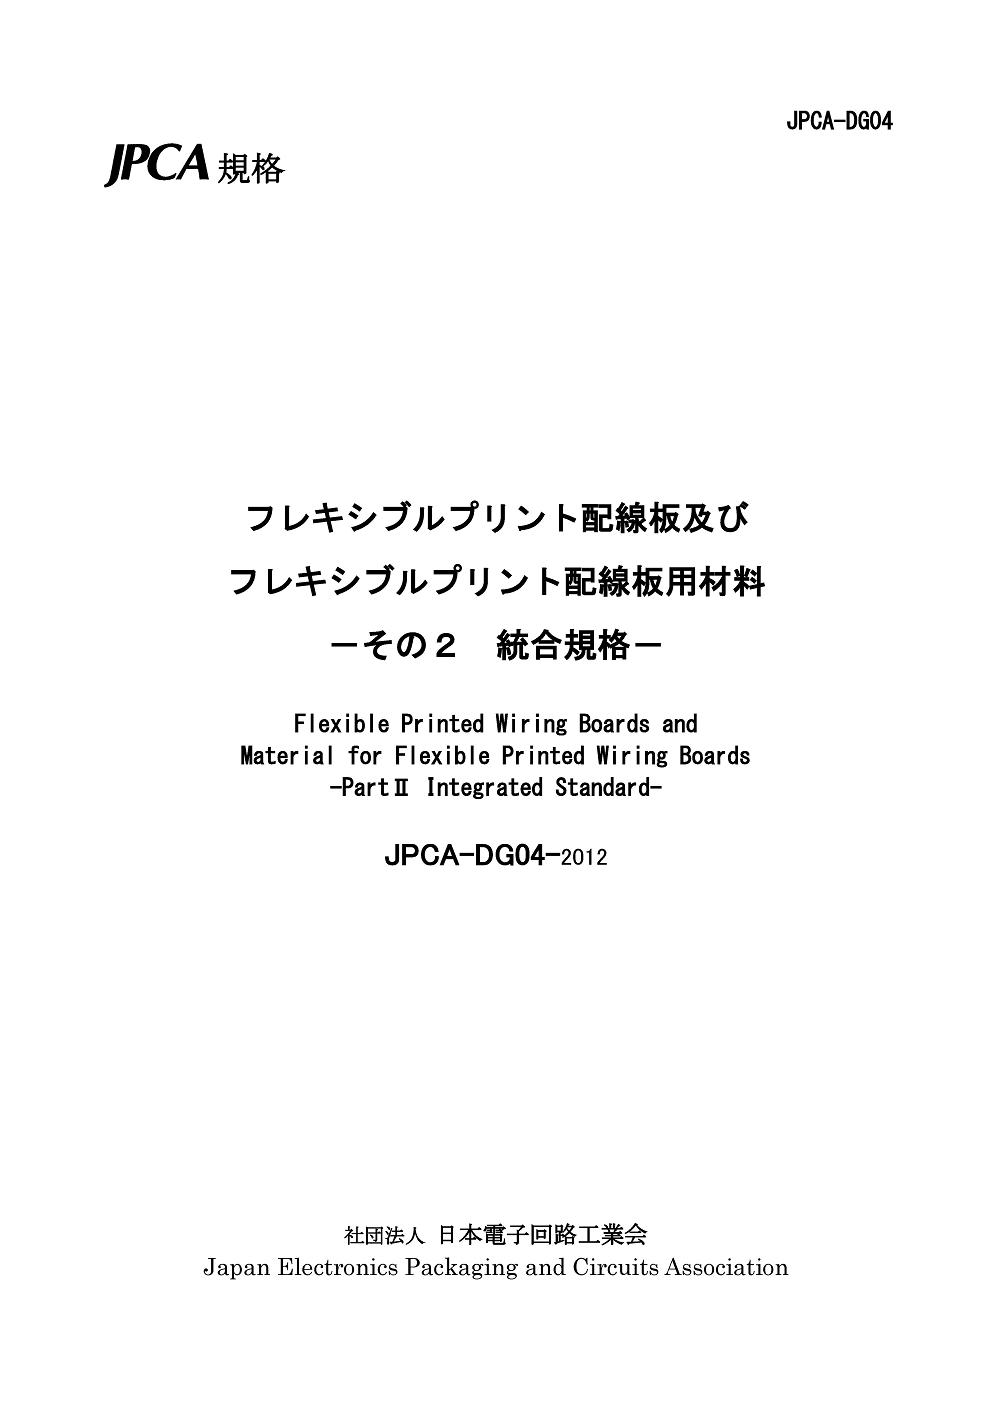 jpca-dg04-2